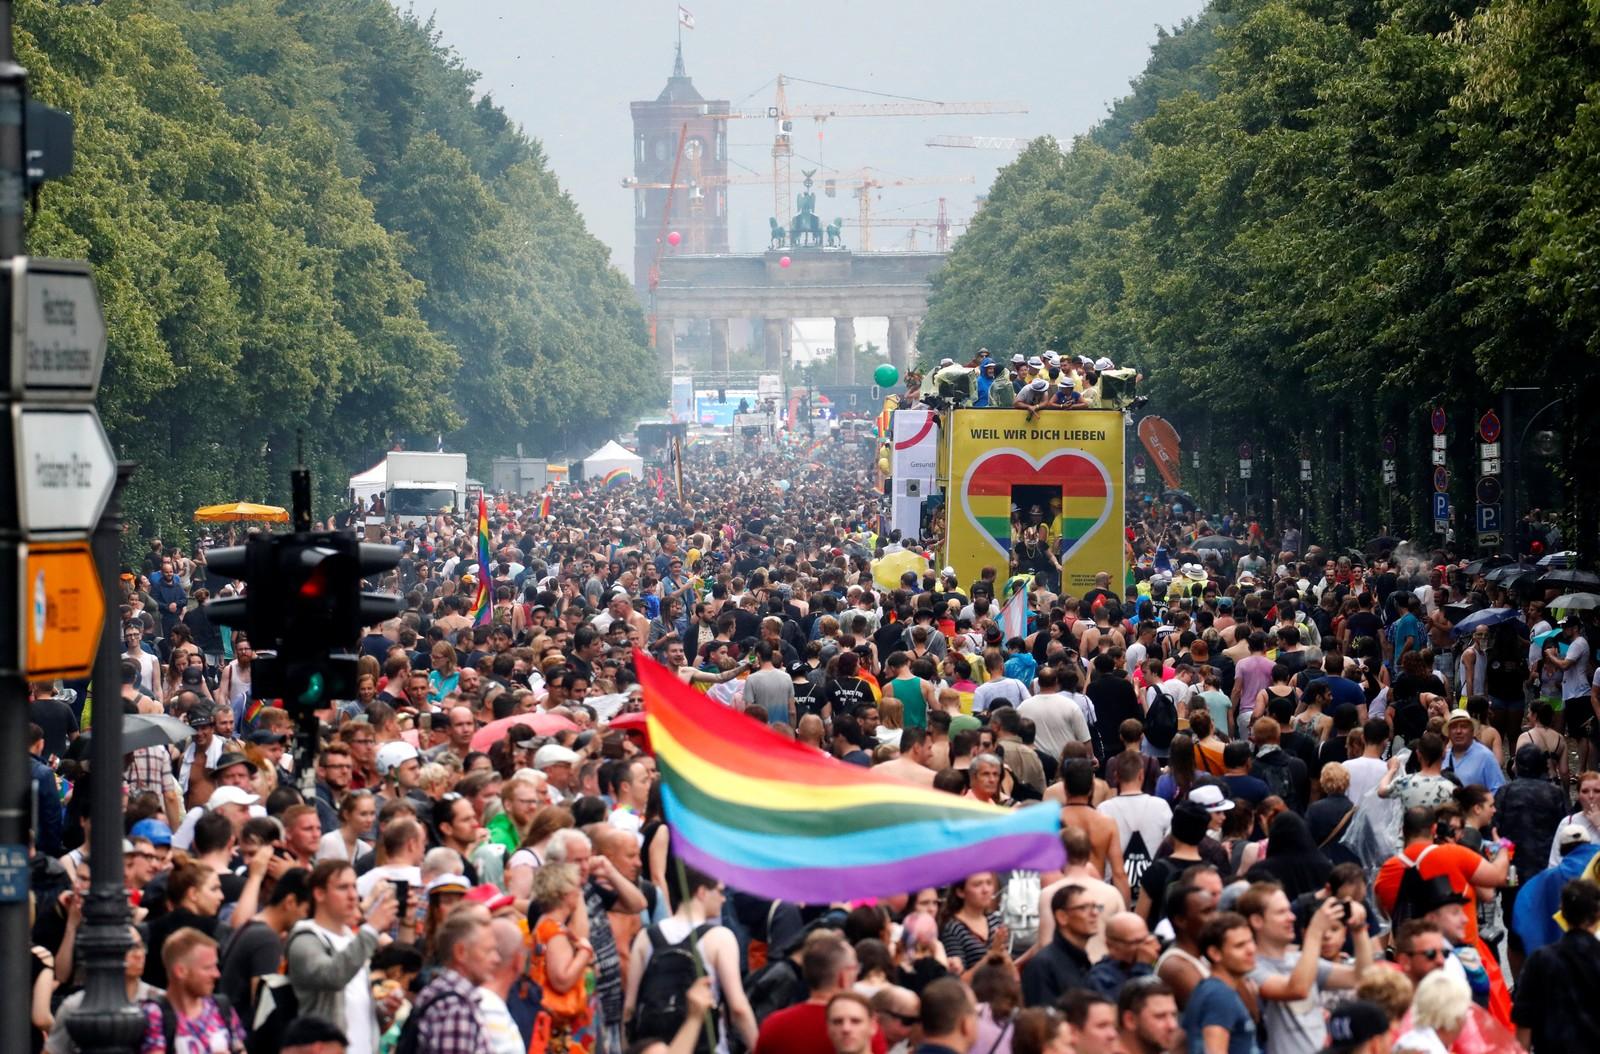 """Parada do Orgulho Gay em Berlim em 2017; projeto de lei propõe a proibição à """"terapia de conversão"""" no país — Foto: REUTERS/Fabrizio Bensch"""